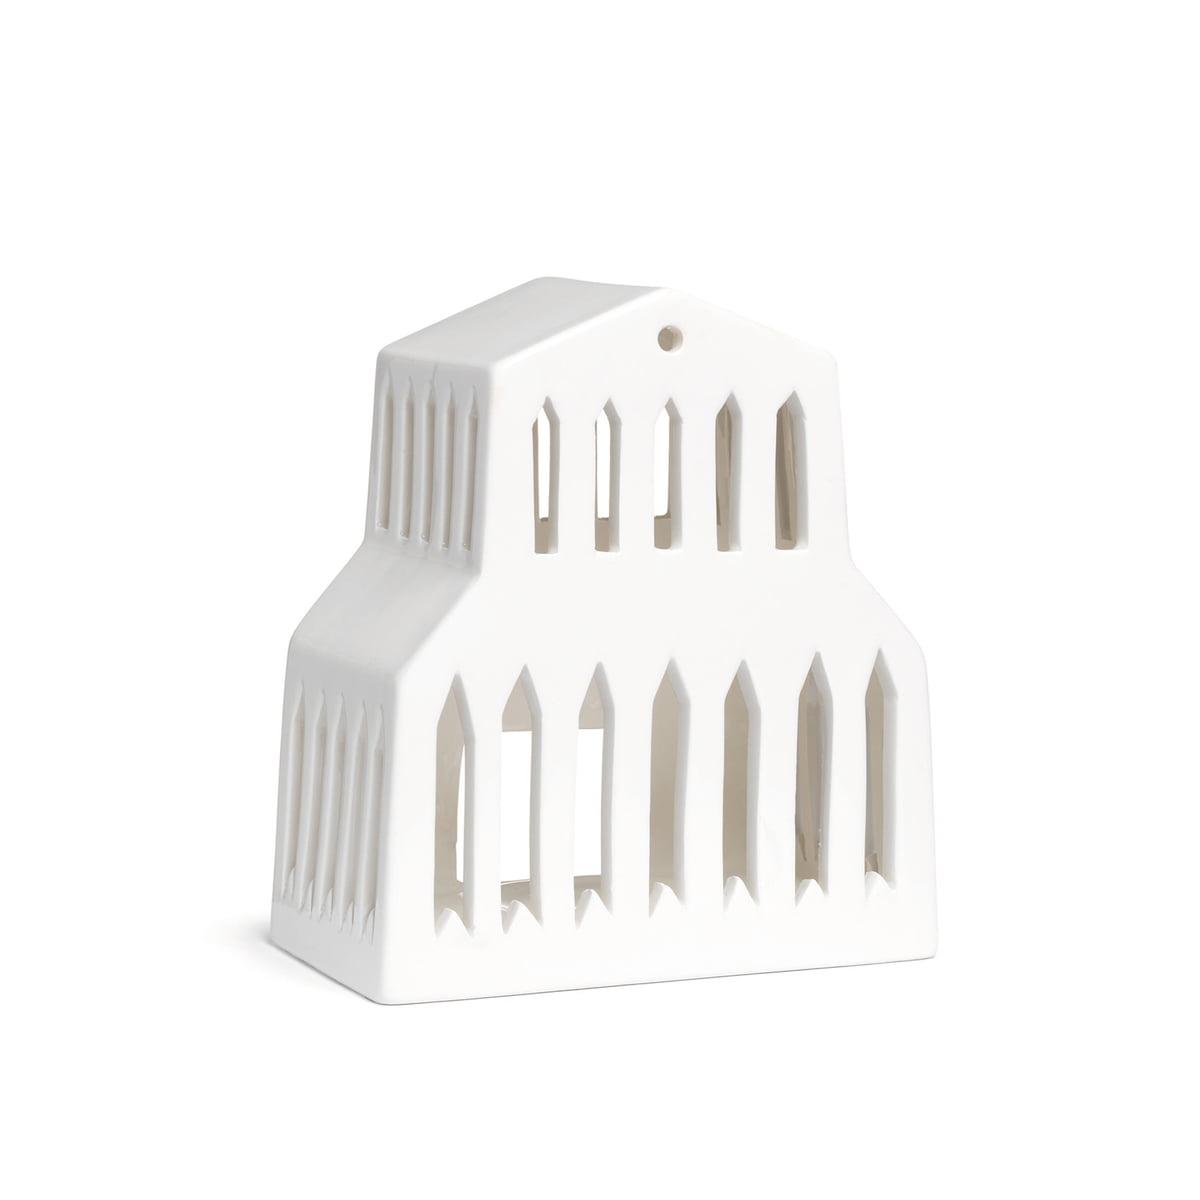 Kähler Design - Urbania Teelichthaus, Basilica | Dekoration > Kerzen und Kerzenständer > Teelichter | Weiß | Keramik | Kähler Design